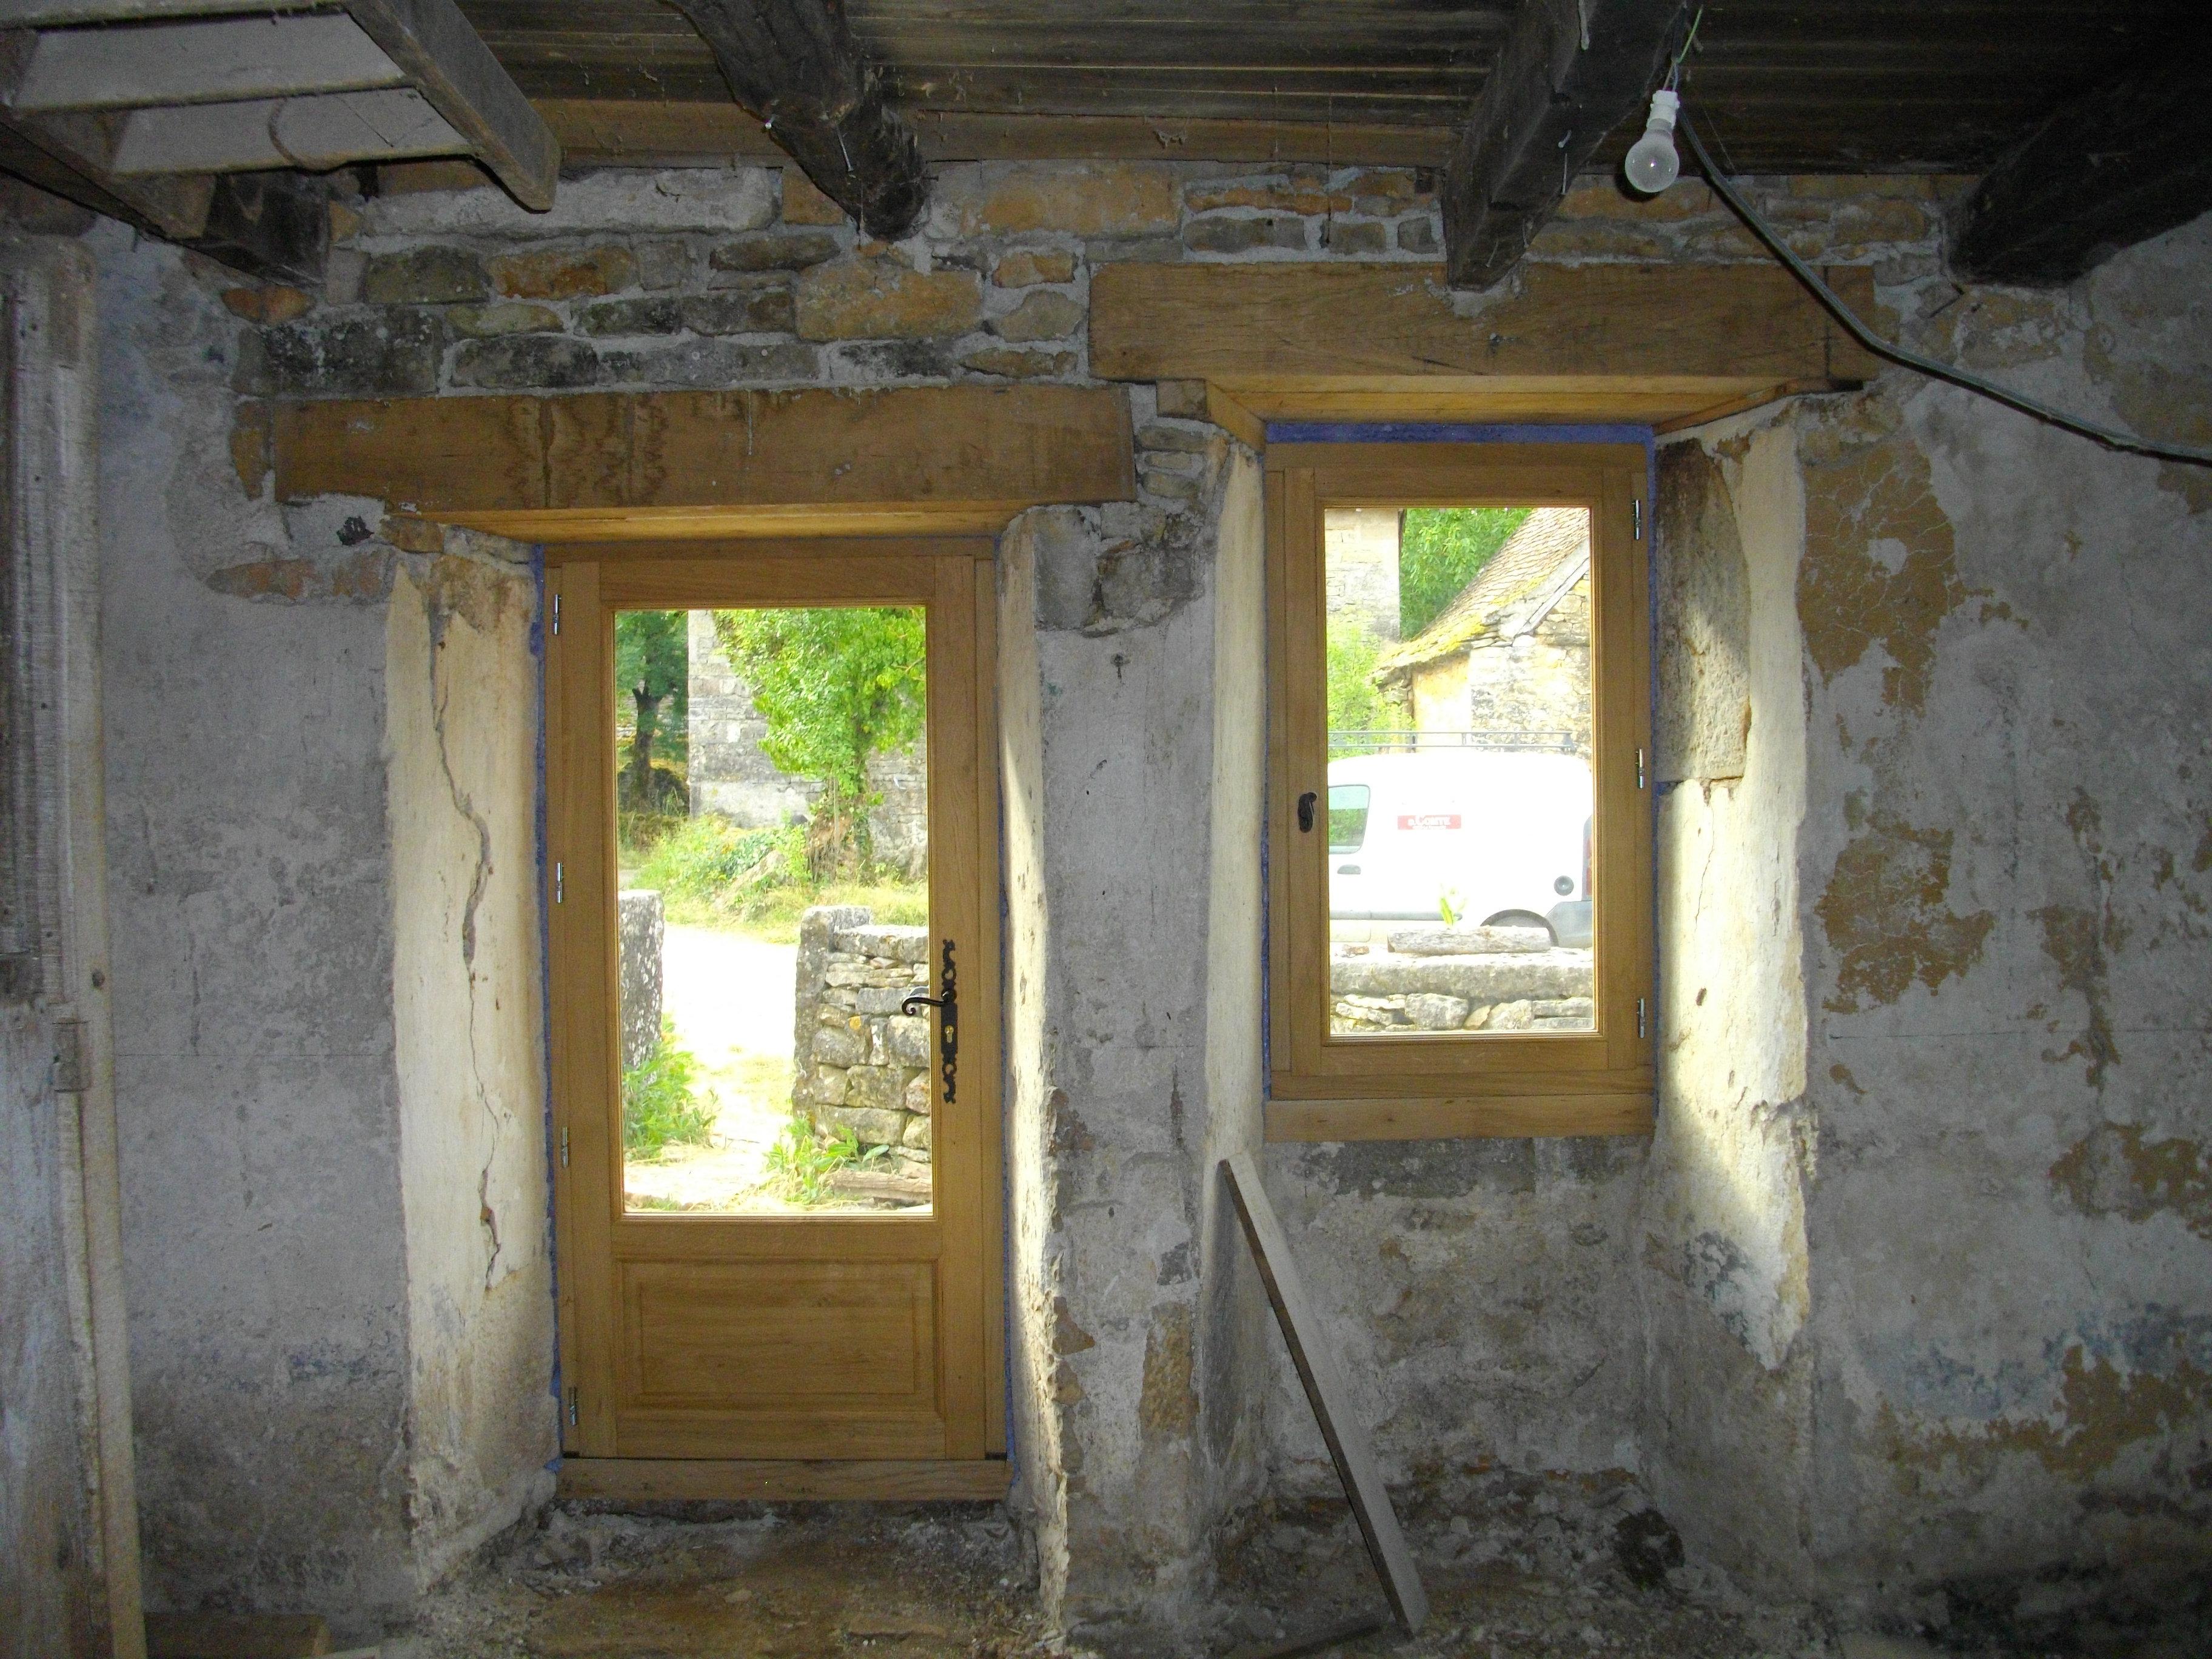 Renovation Fenetre Maison Ancienne rénovation maison ancienne, fenêtre et porte fenêtre chêne